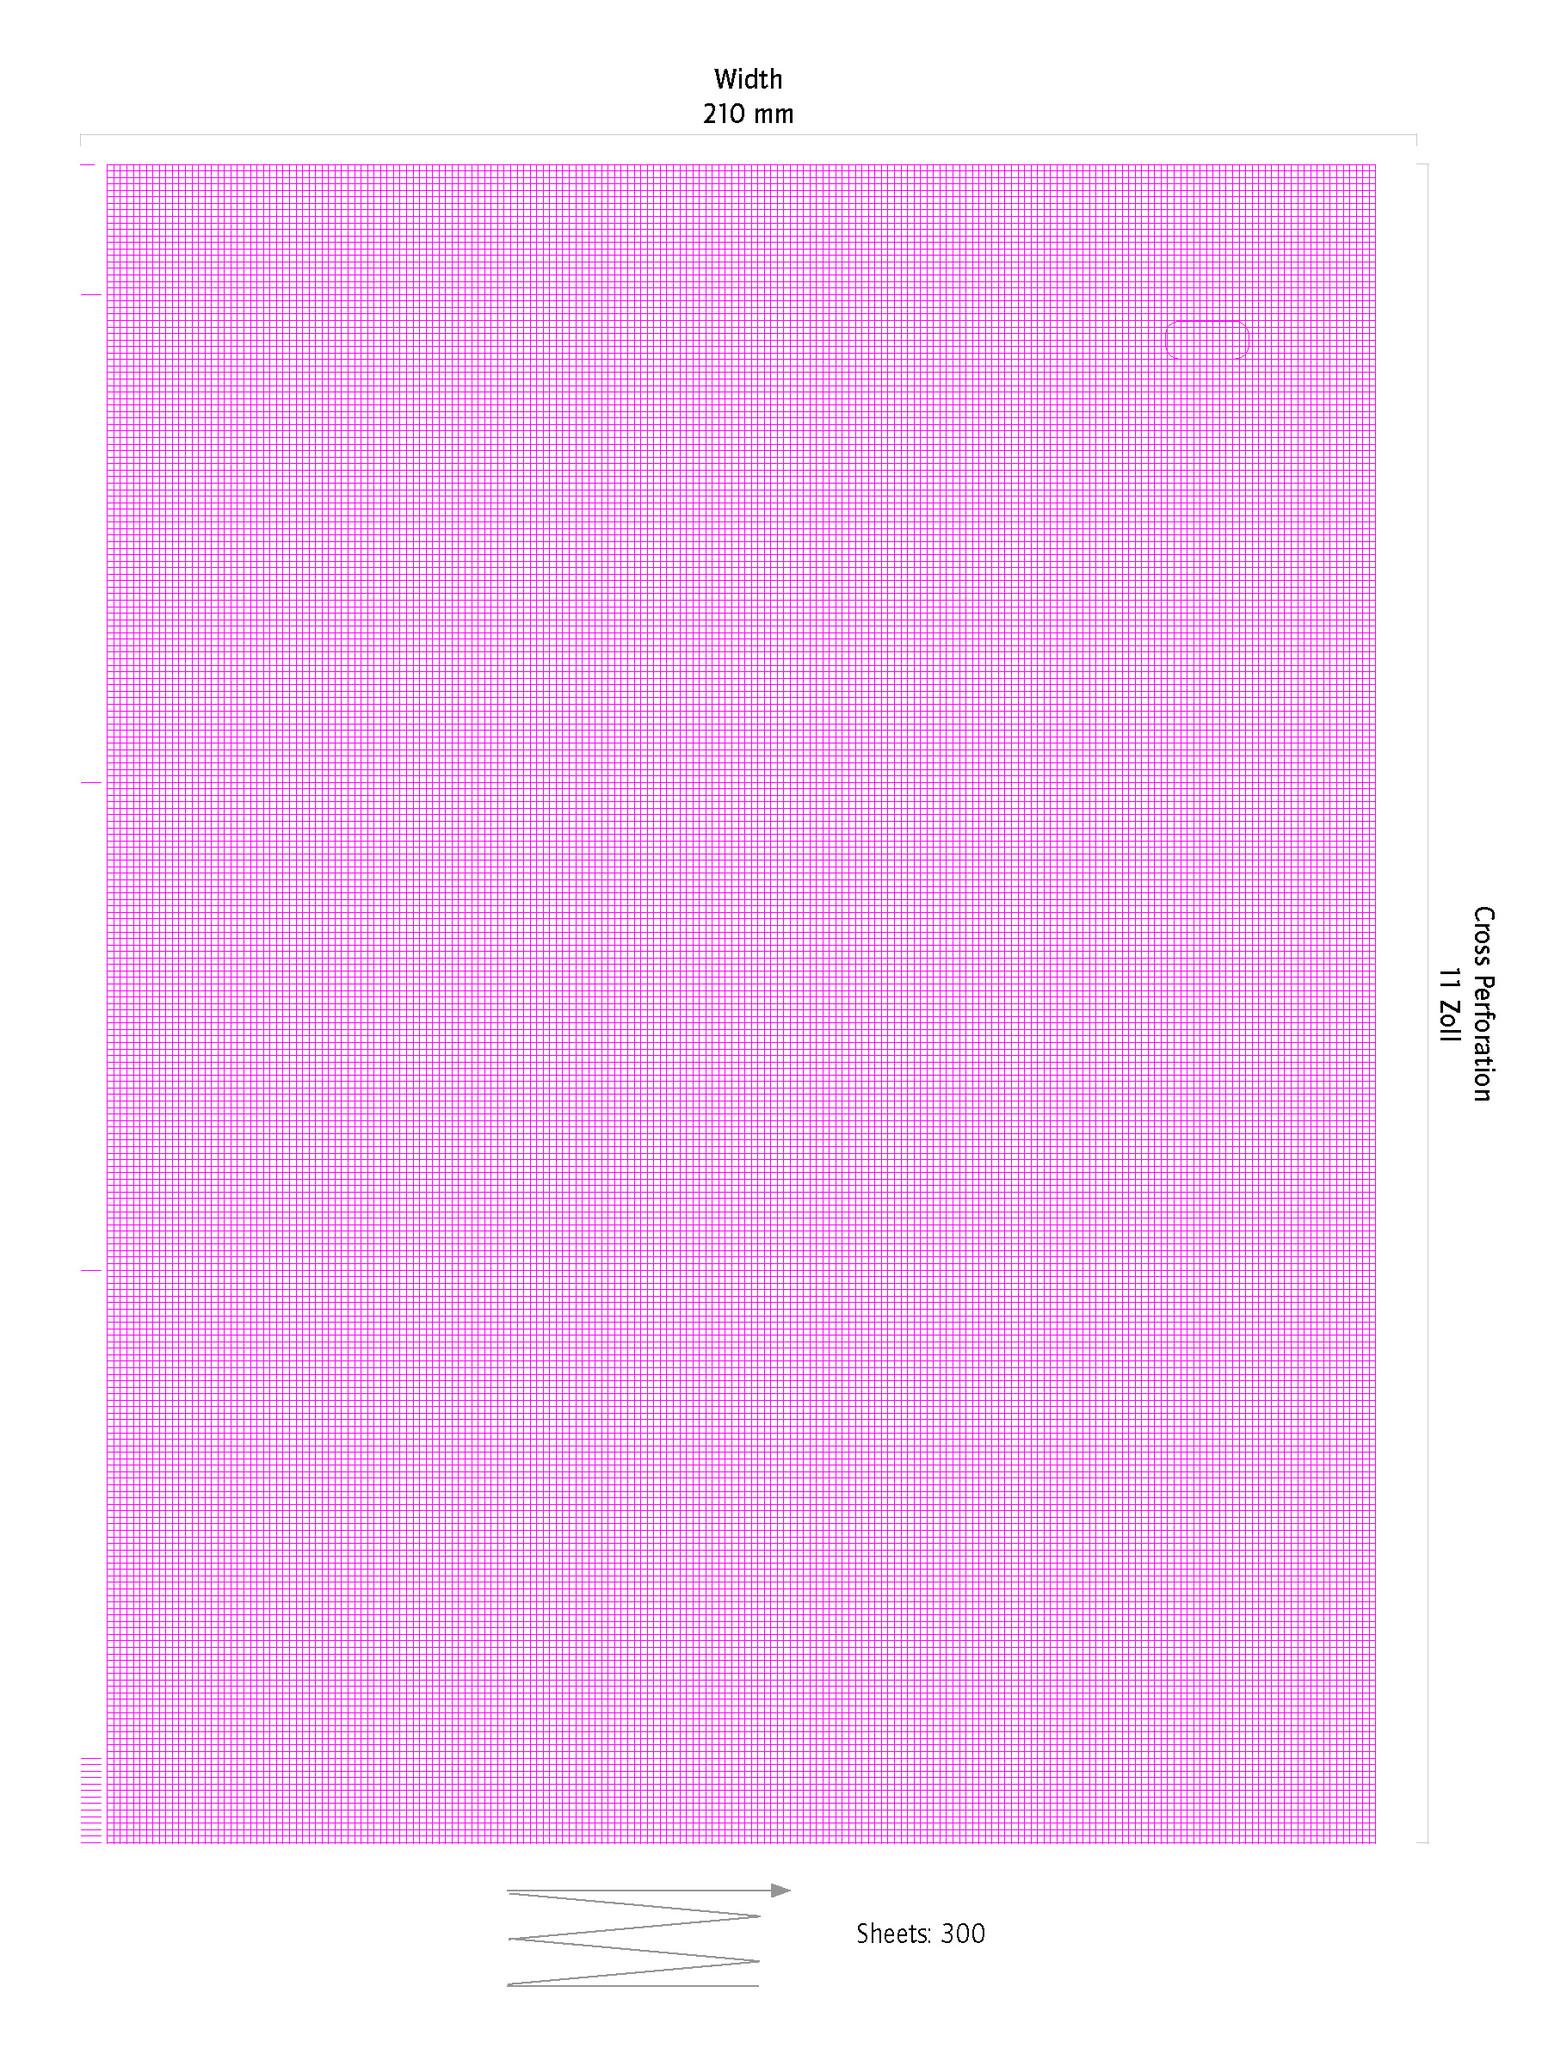 Medische Vakhandel ECG-papier Carefusion (GE Marquette) Mac5500 210 mm x 280 mm x 300 bladzijden, 3 stuks